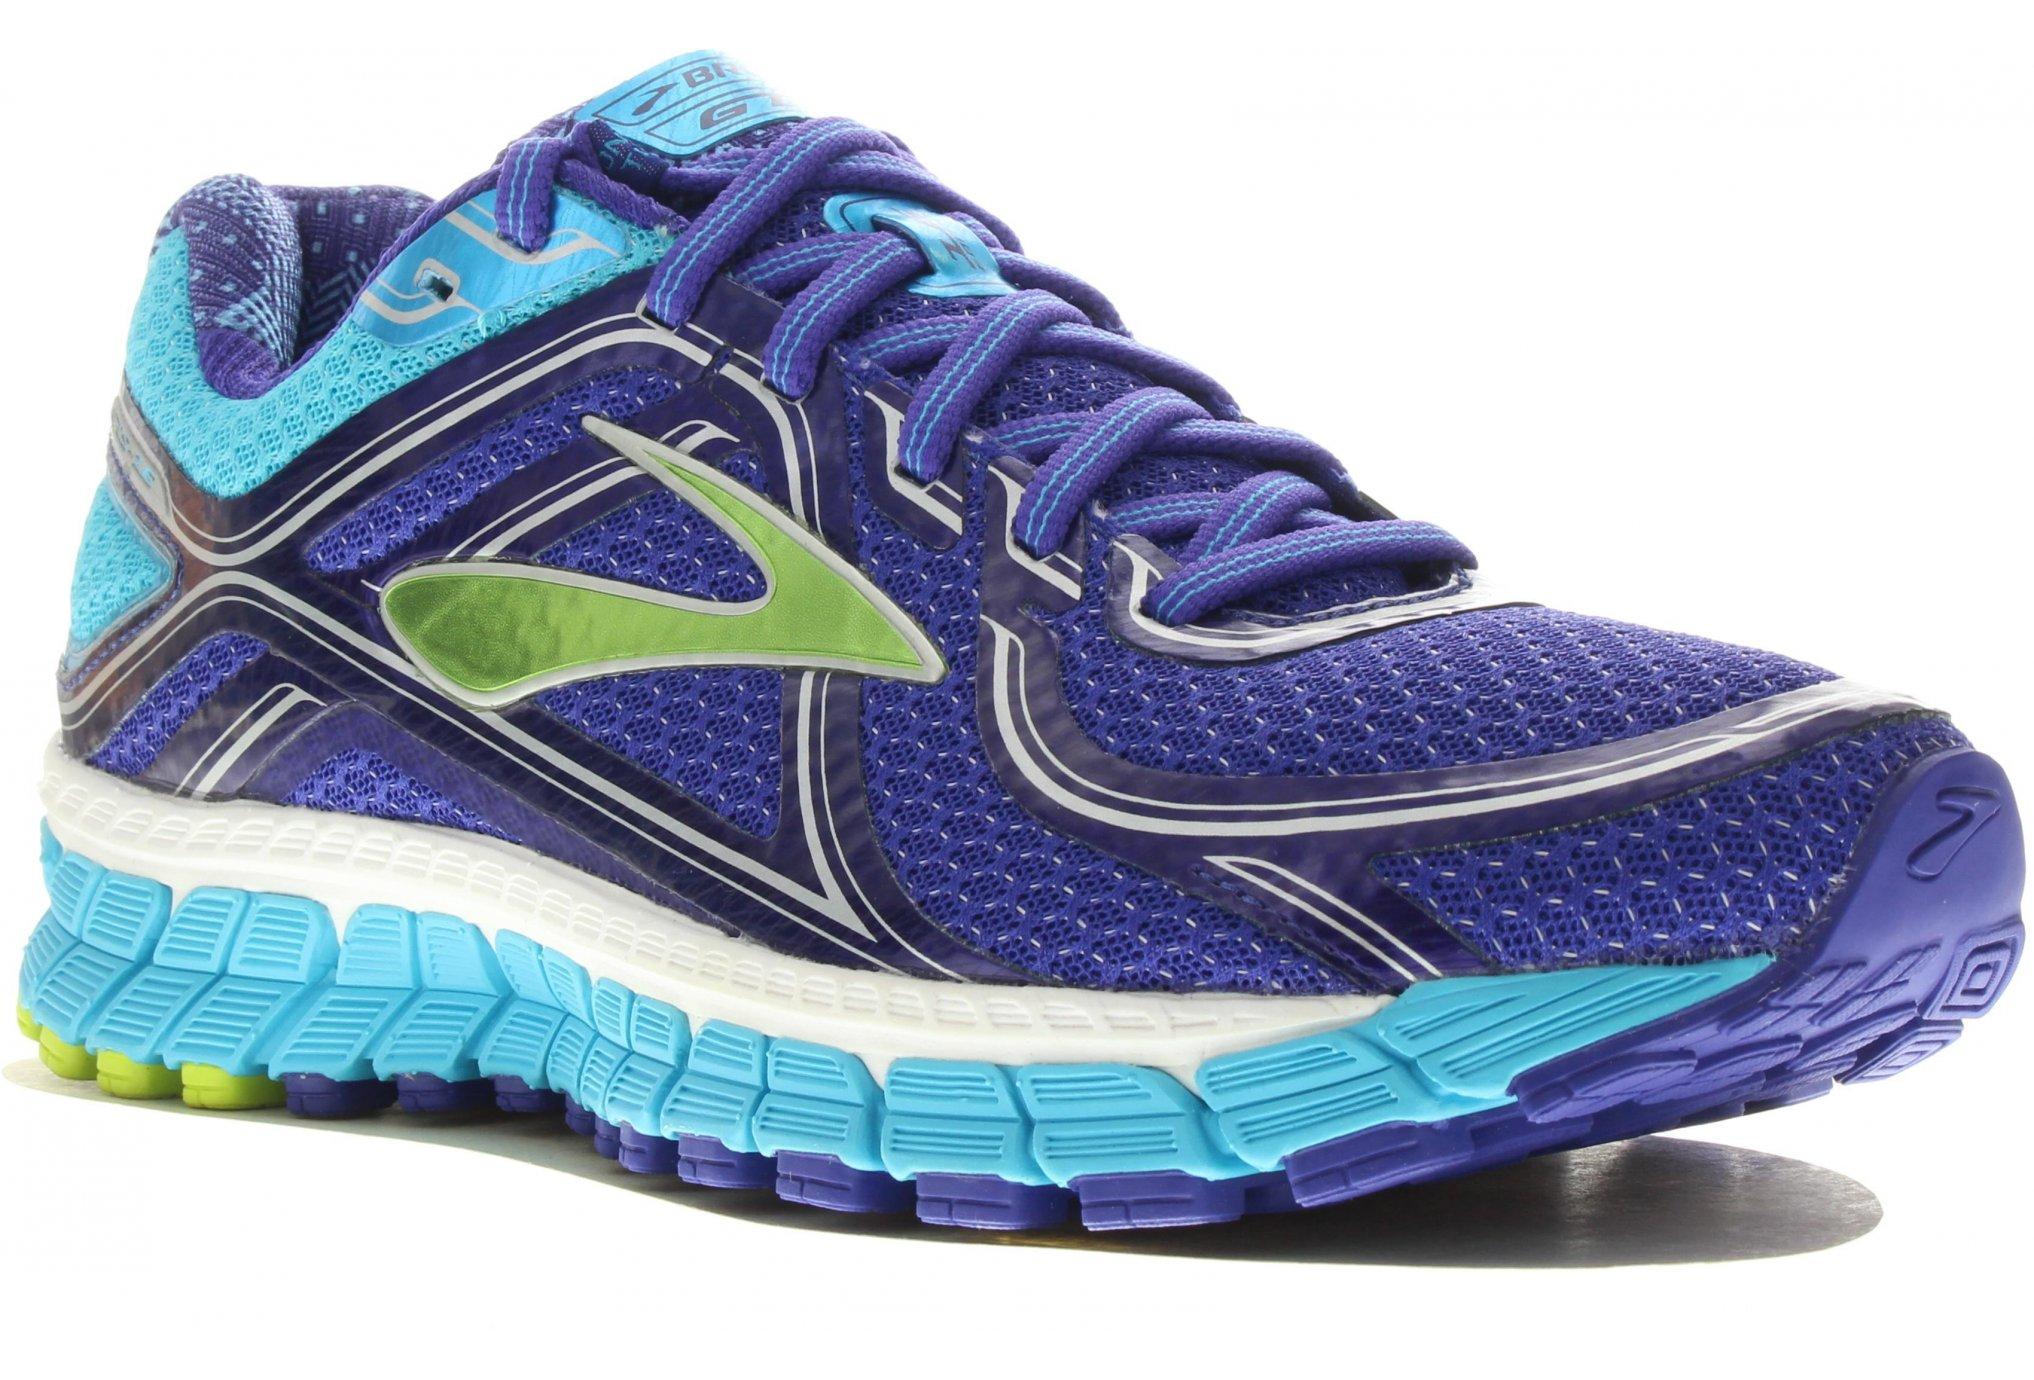 Brooks Adrenaline gts 16 w diététique chaussures femme